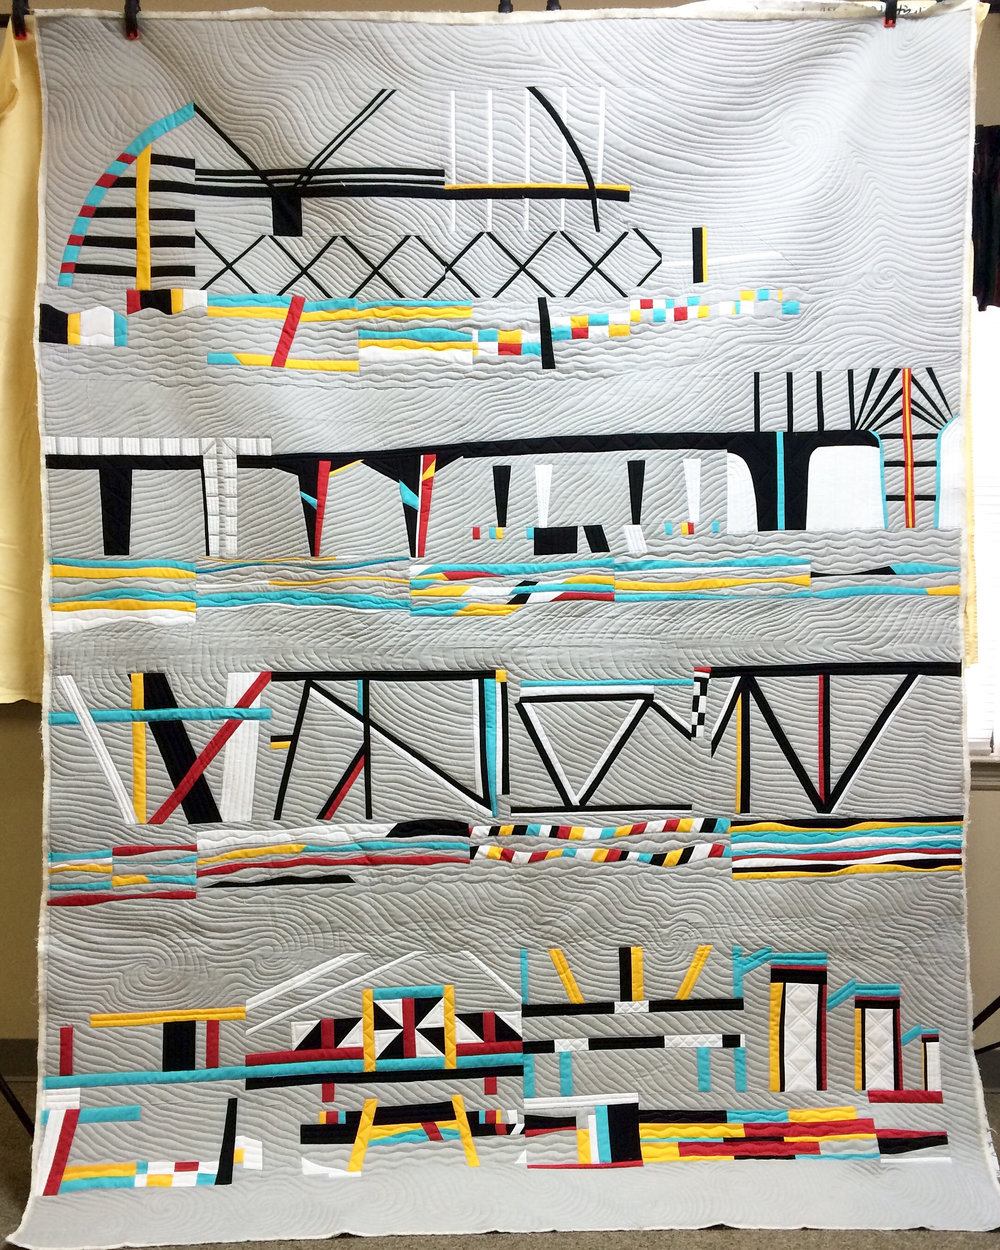 Bridges quilt by ChattMQG